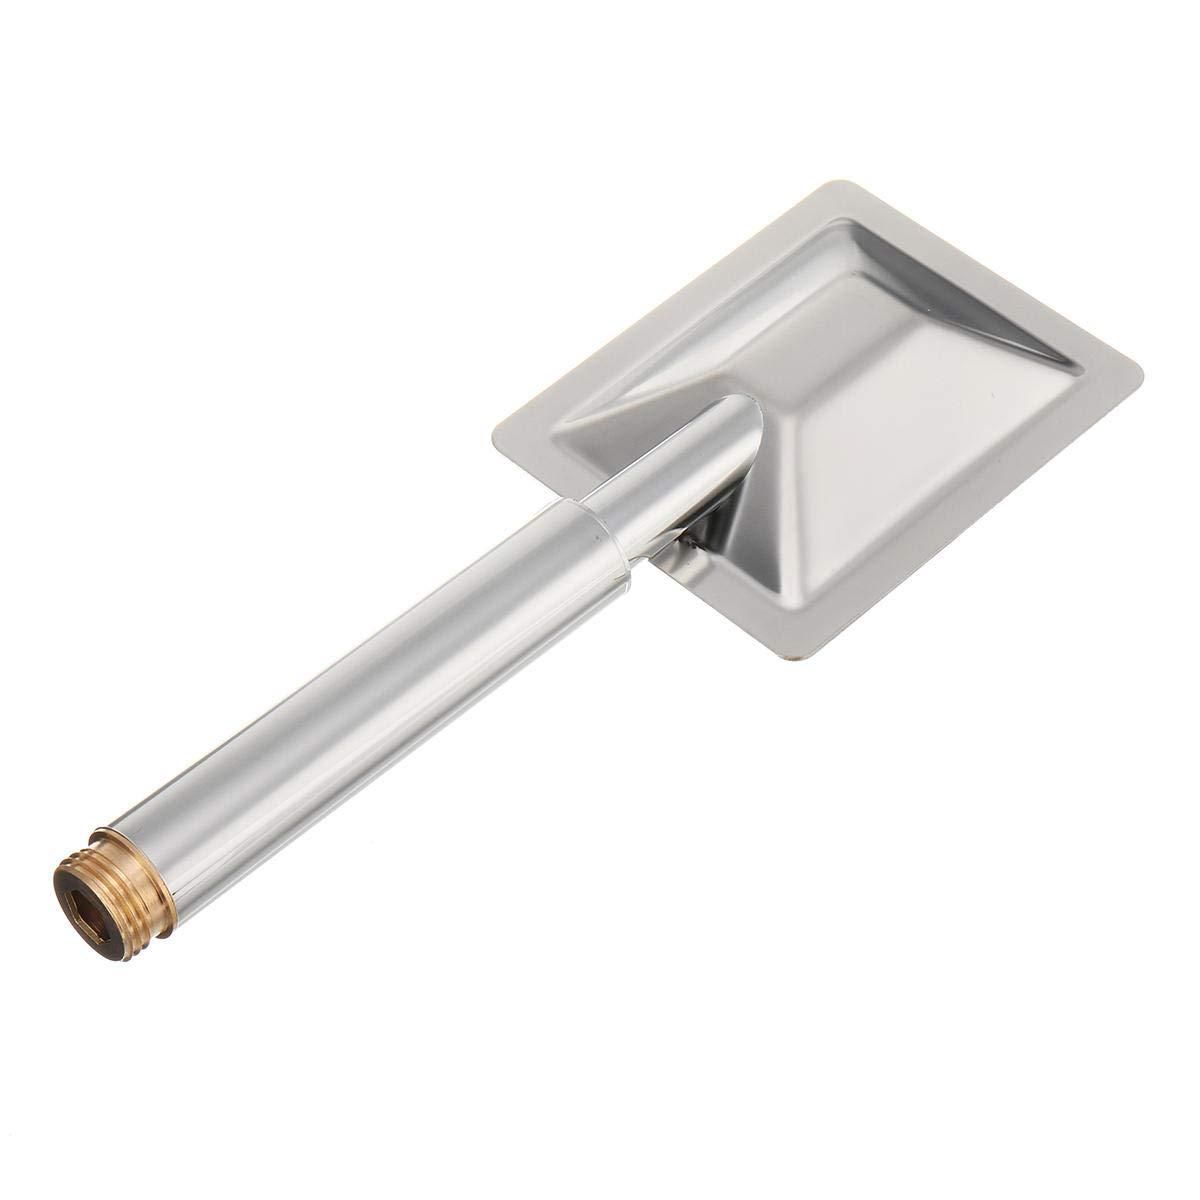 Rainfall Bathroom Top Spray - 1PCs